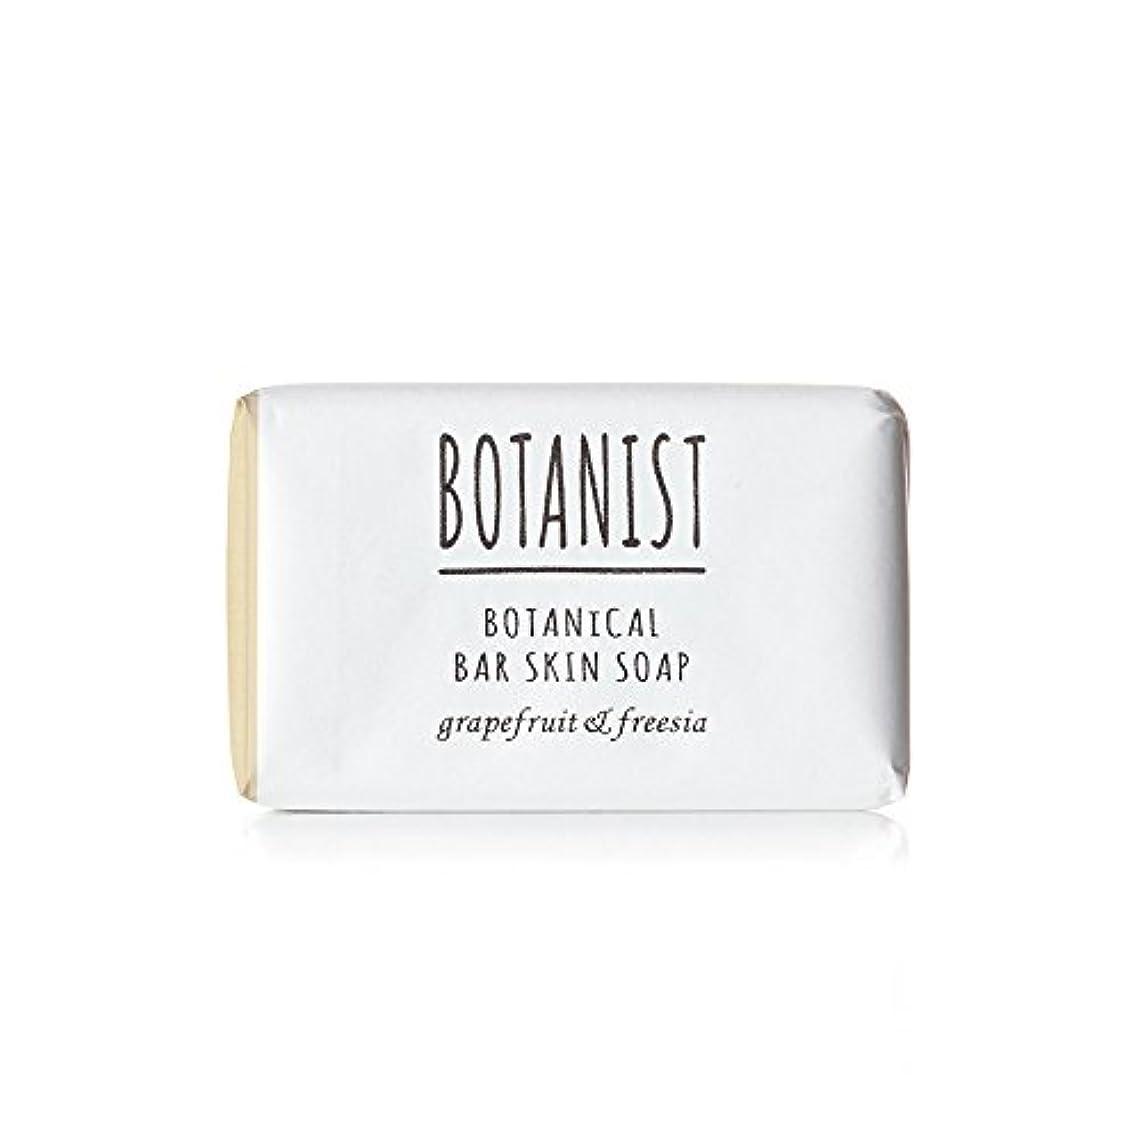 枕やりすぎハムBOTANIST ボタニスト ボタニカル バースキンソープ 100g グレープフルーツ&フリージア